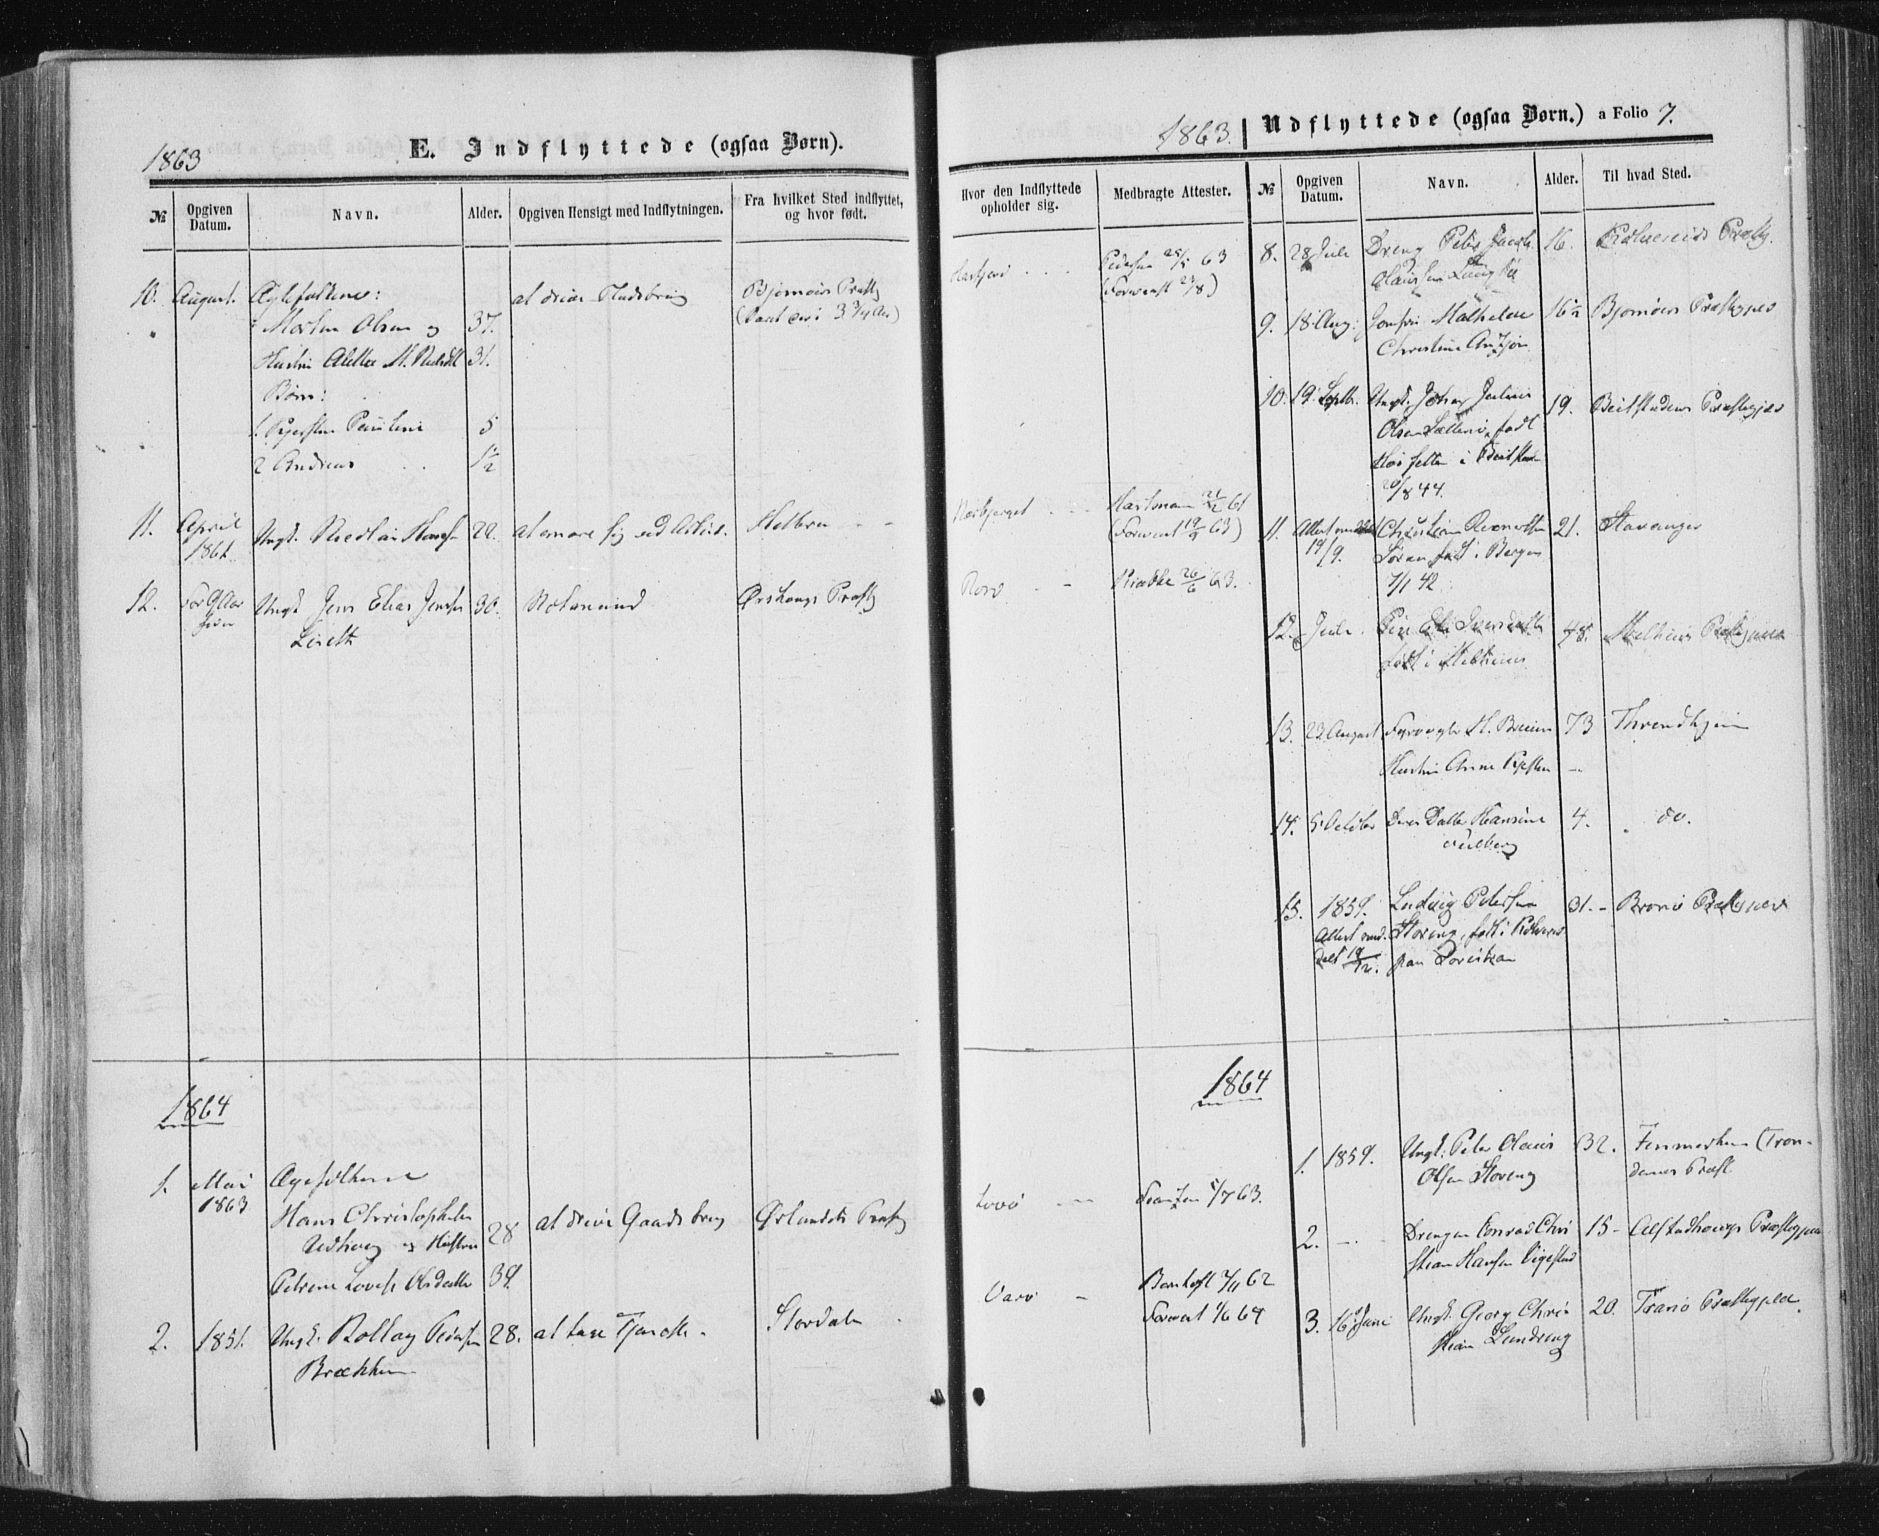 SAT, Ministerialprotokoller, klokkerbøker og fødselsregistre - Nord-Trøndelag, 784/L0670: Ministerialbok nr. 784A05, 1860-1876, s. 7